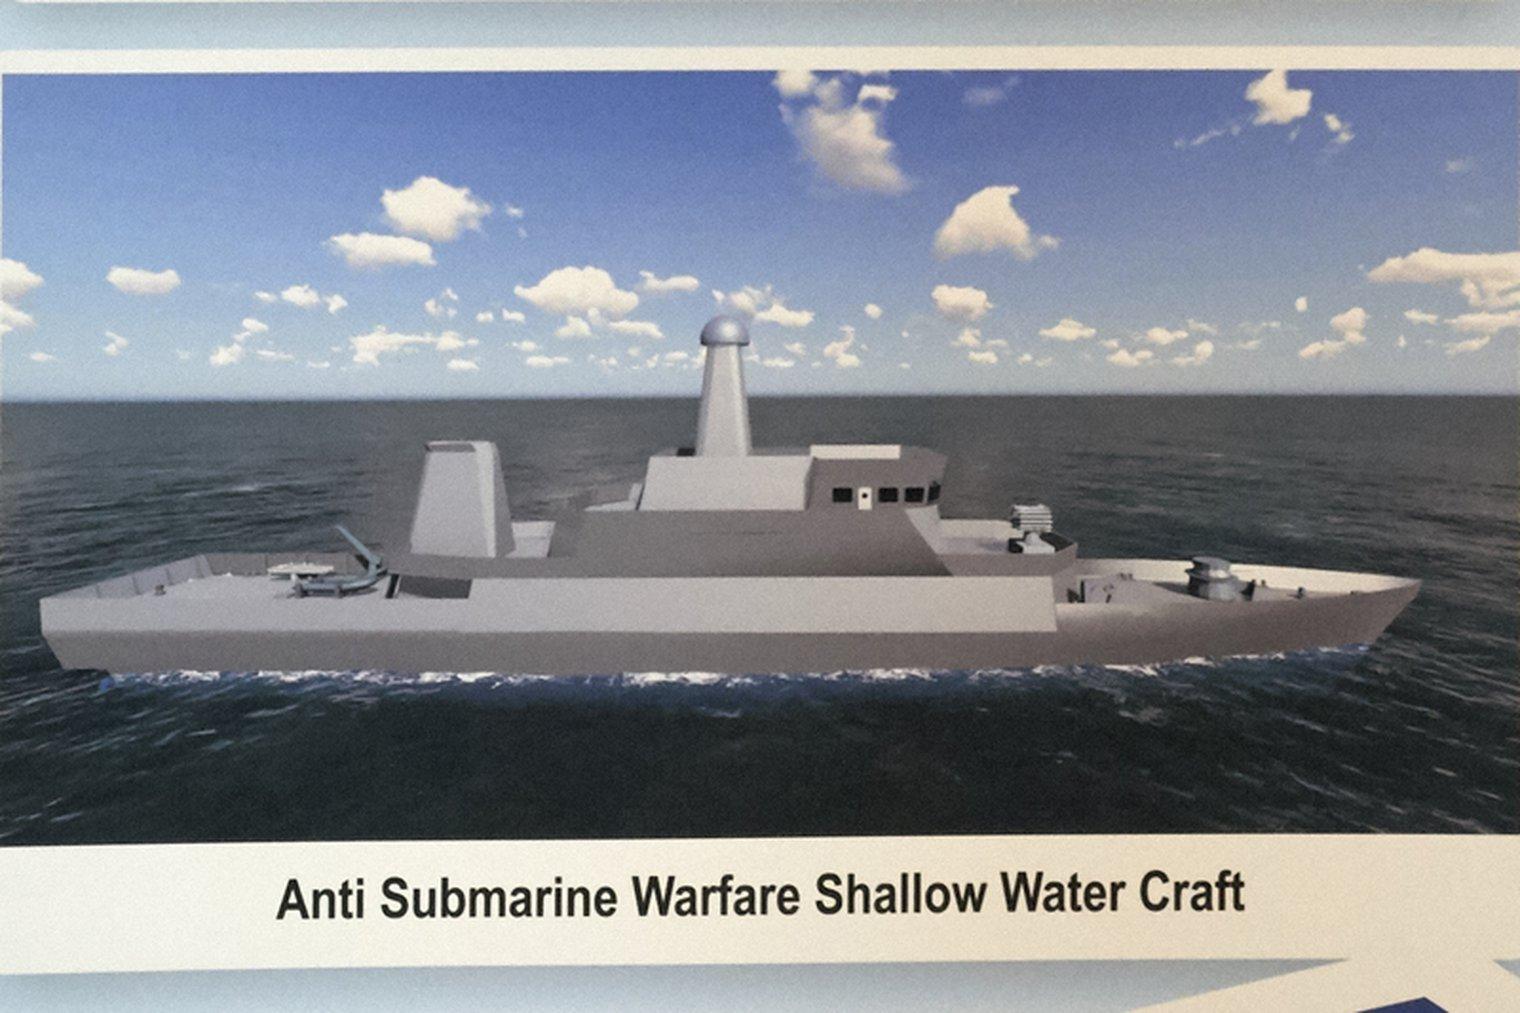 Новые малые противолодочные корабли для индийского флота a2a86bf47e778d9787571ac7aaf9393f